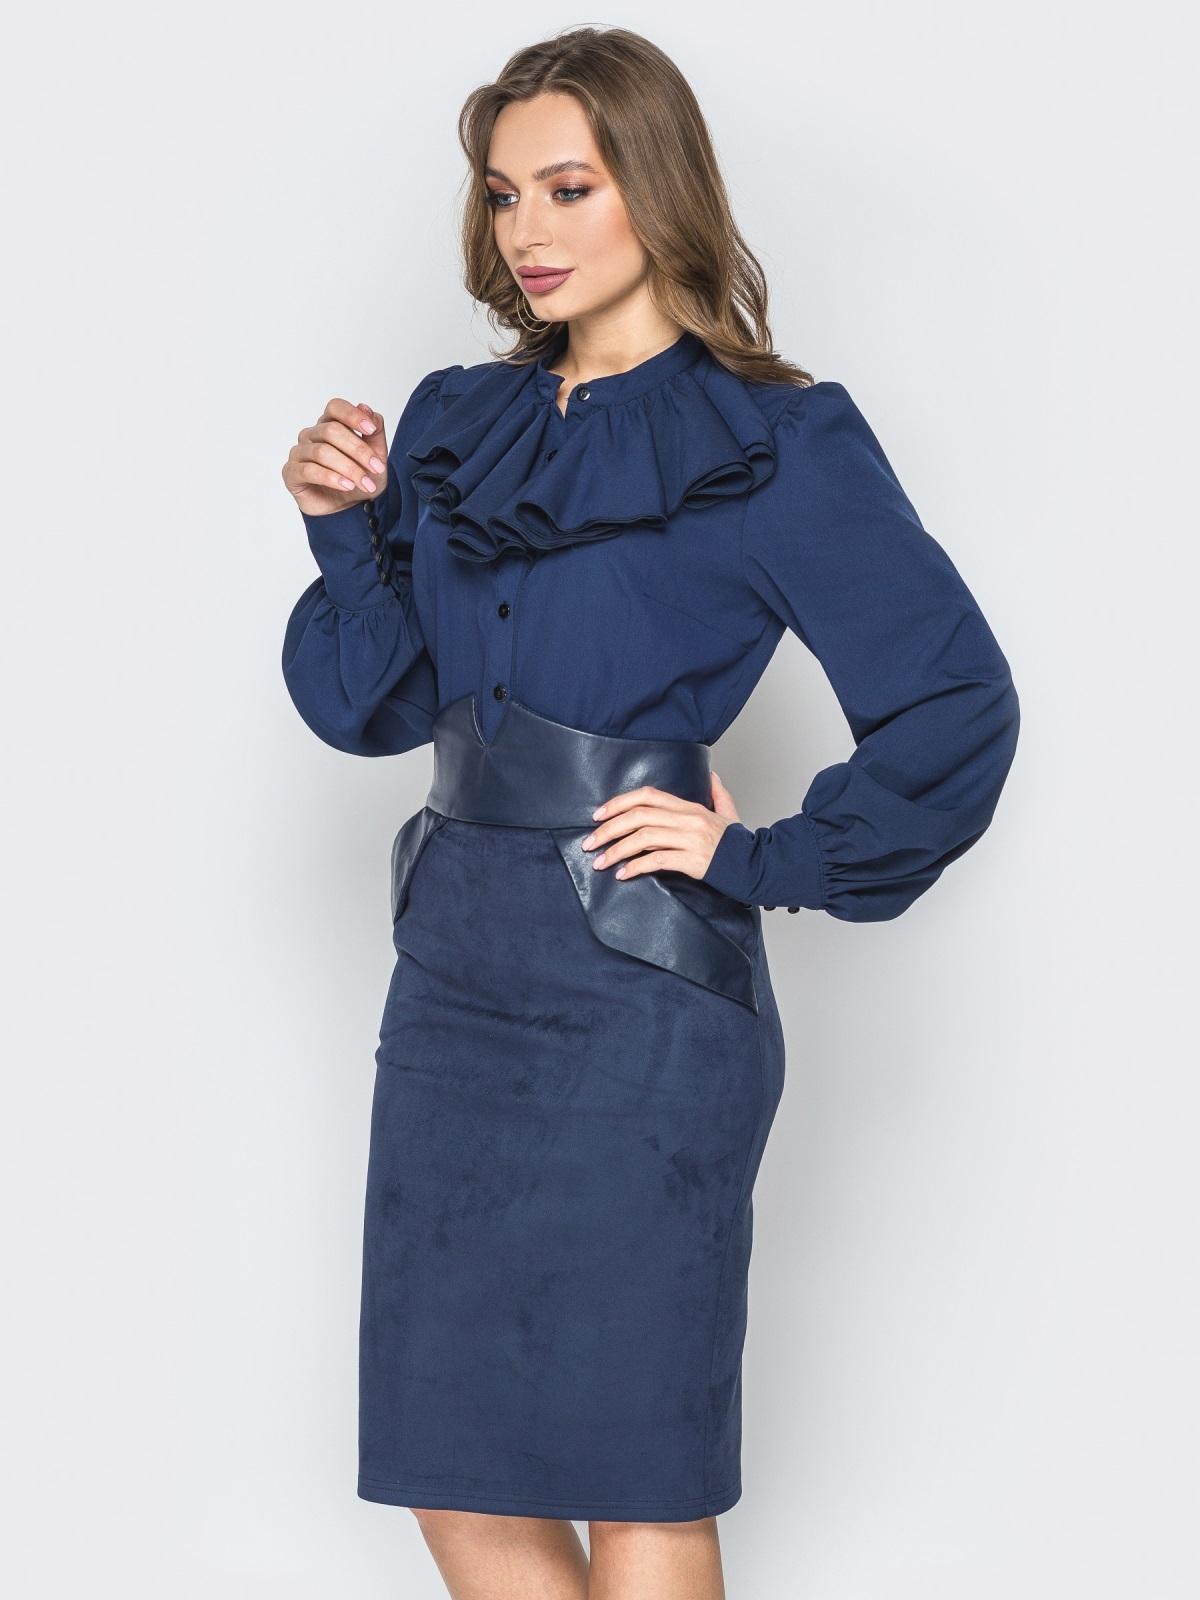 Синяя блузка на пуговицах с воротником-жабо - 20146, фото 1 – интернет-магазин Dressa